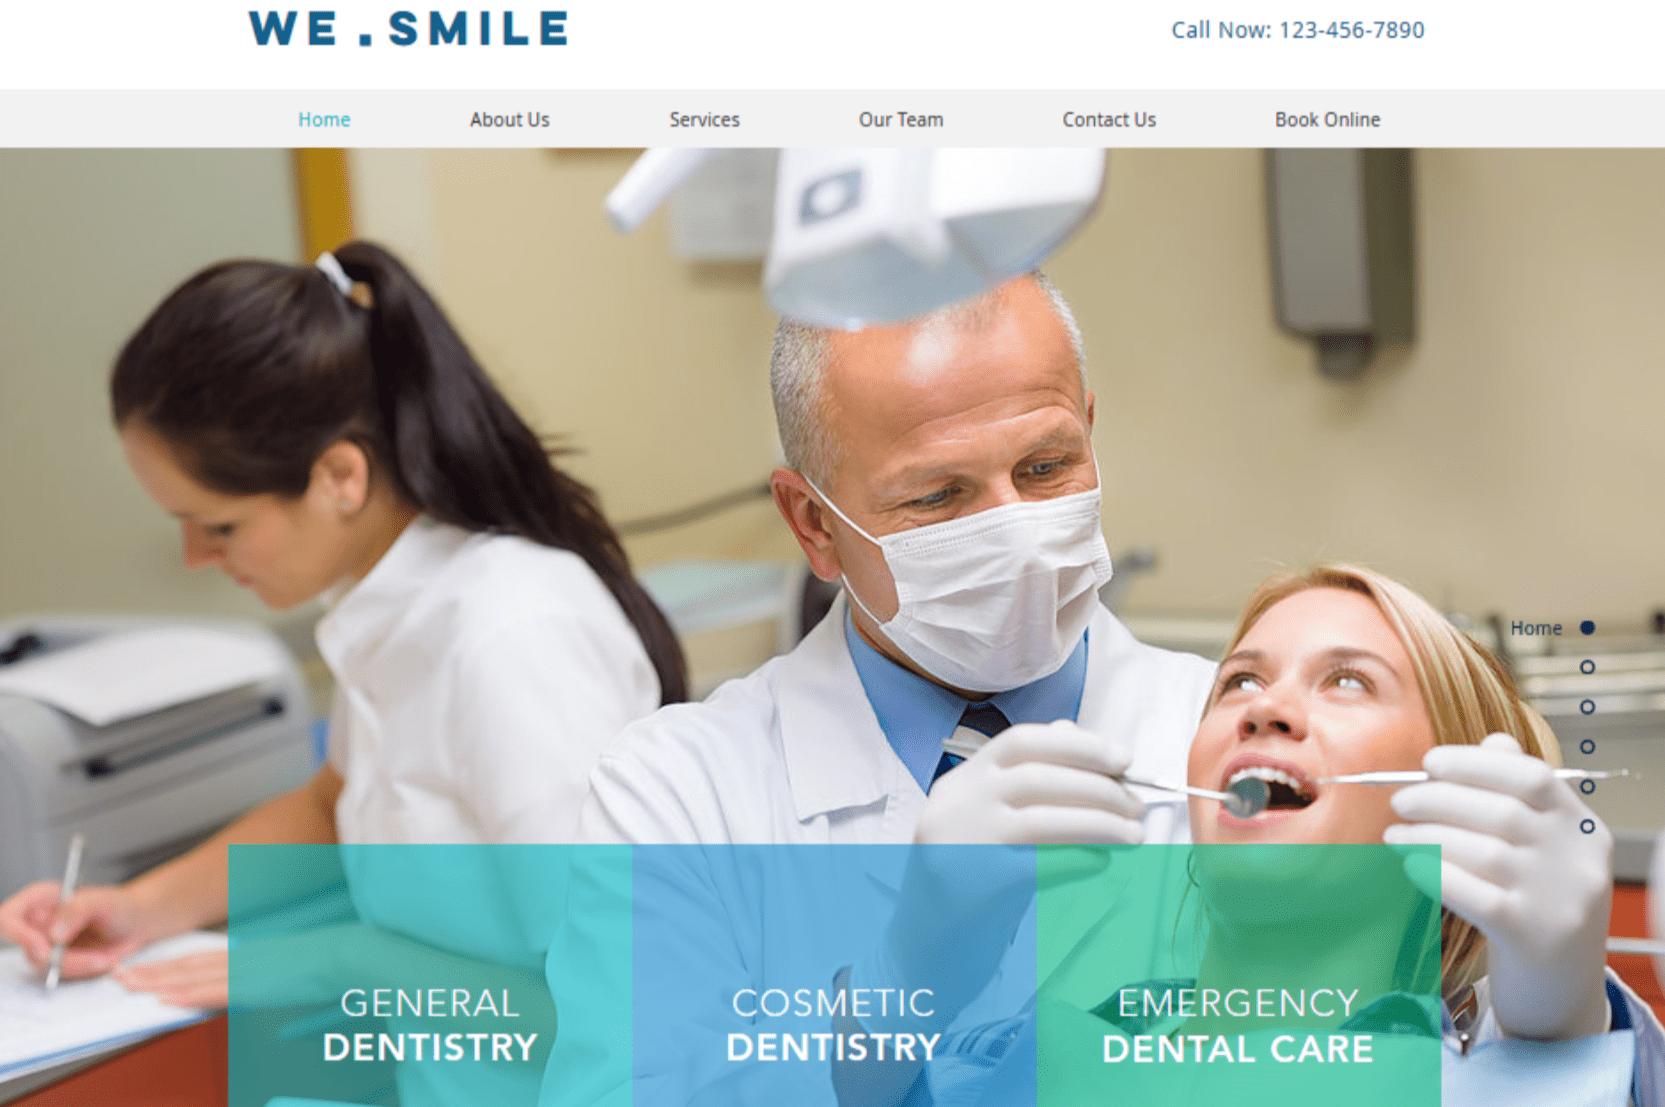 Professionelle Website erstellen - Beispiel 8